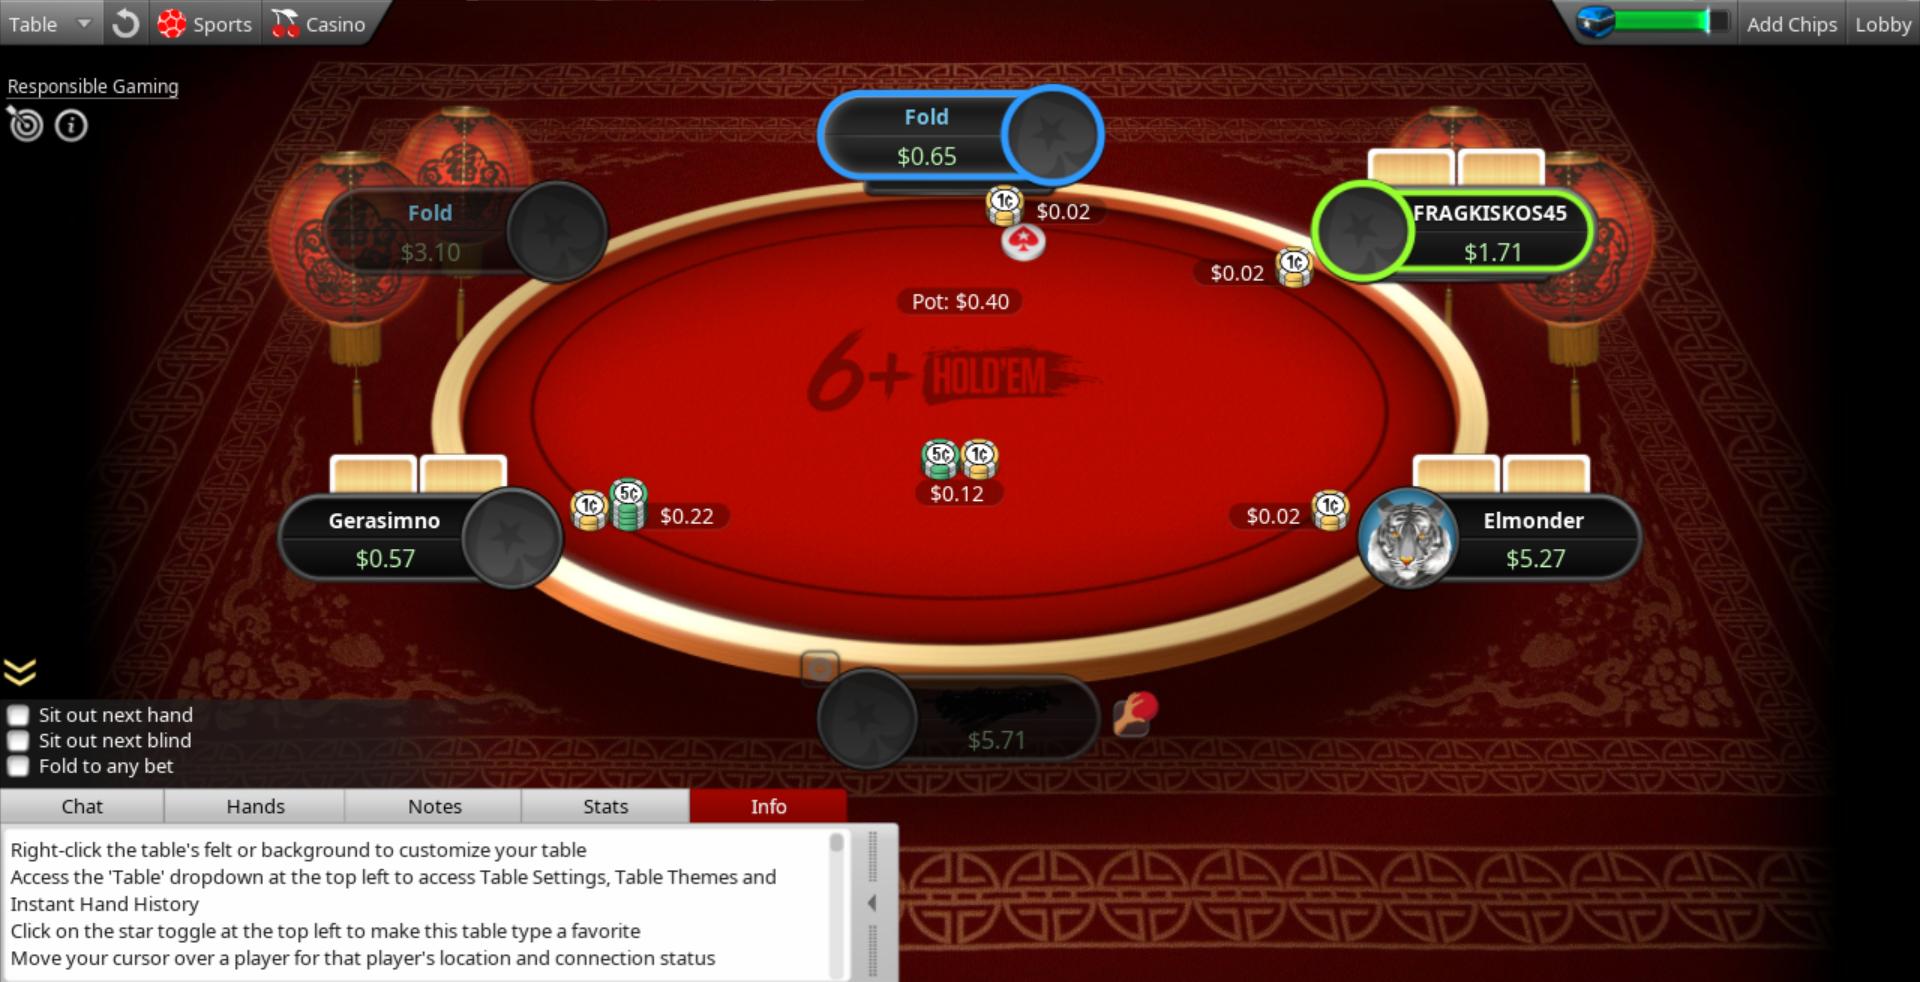 6 Holdem Pokerstars